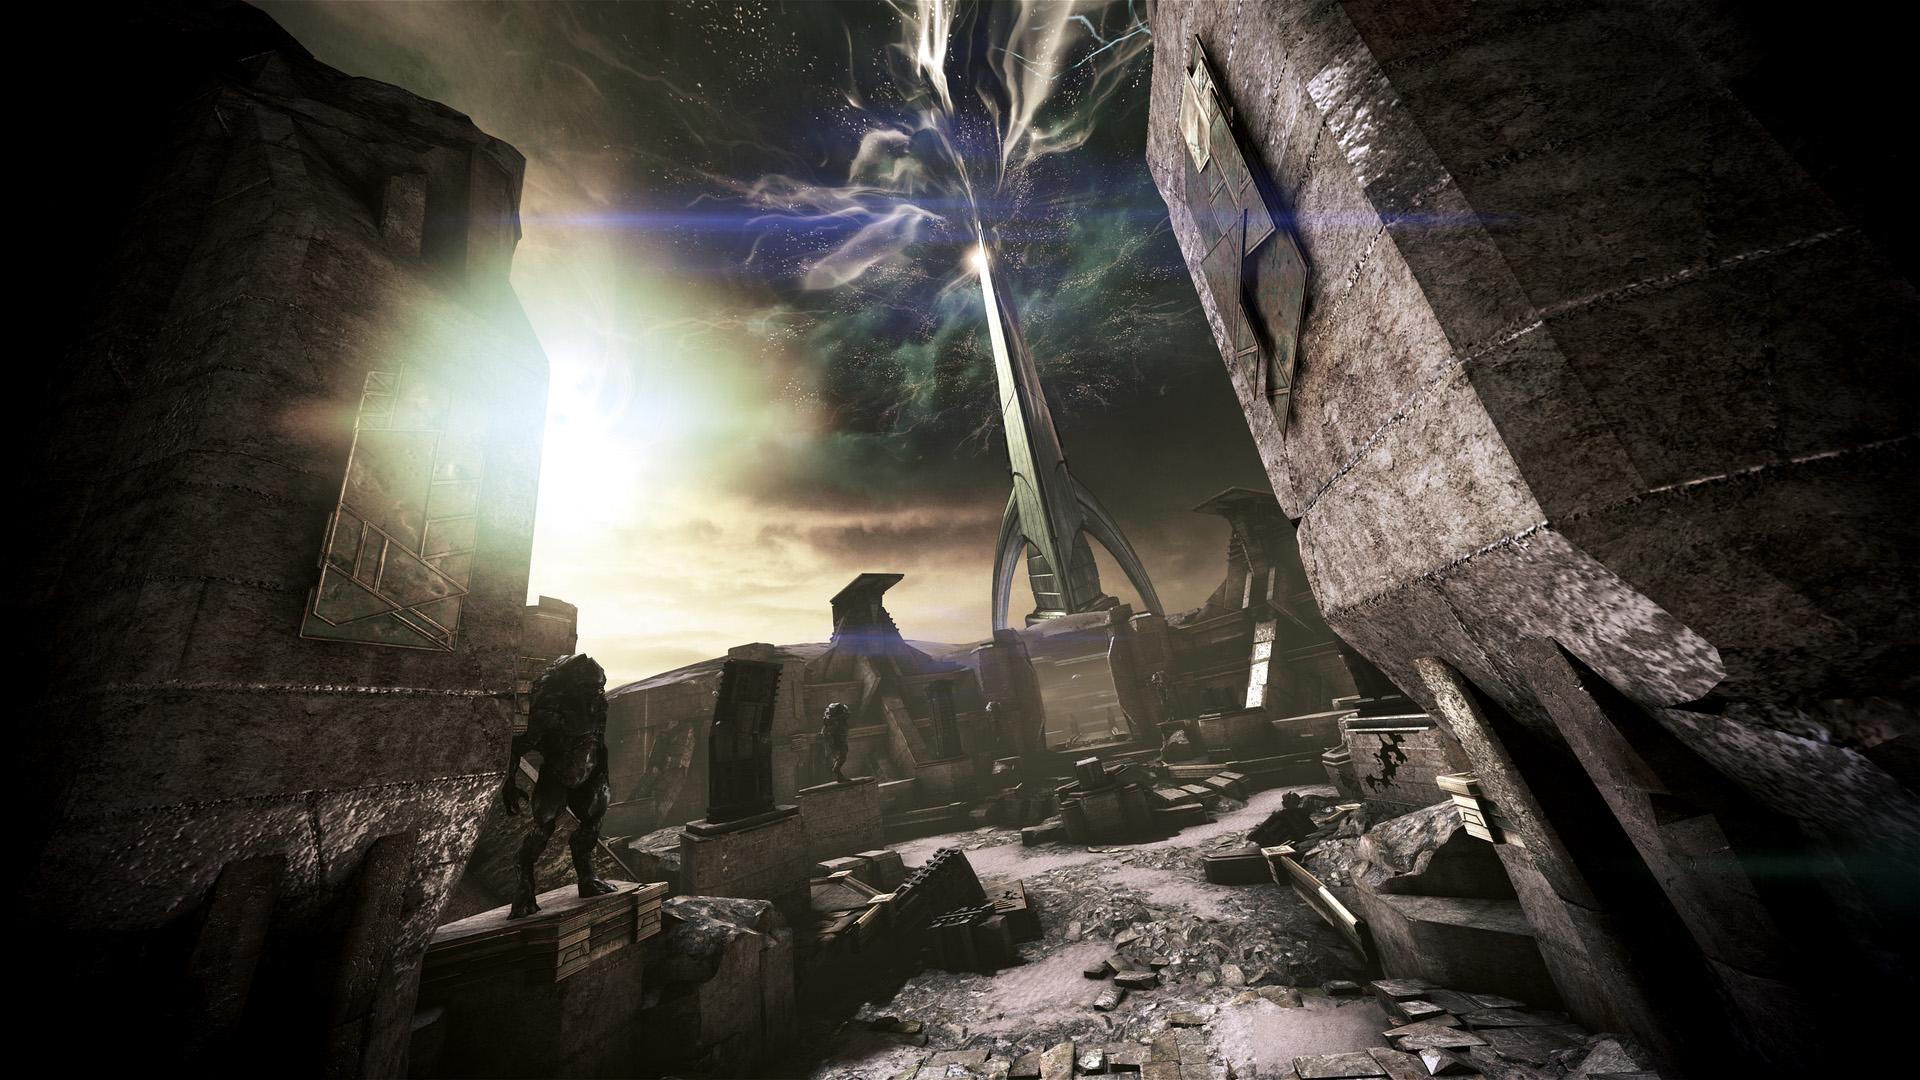 Wallpapers, fond d'ecran pour Mass Effect 3 PC, PS3, Xbox